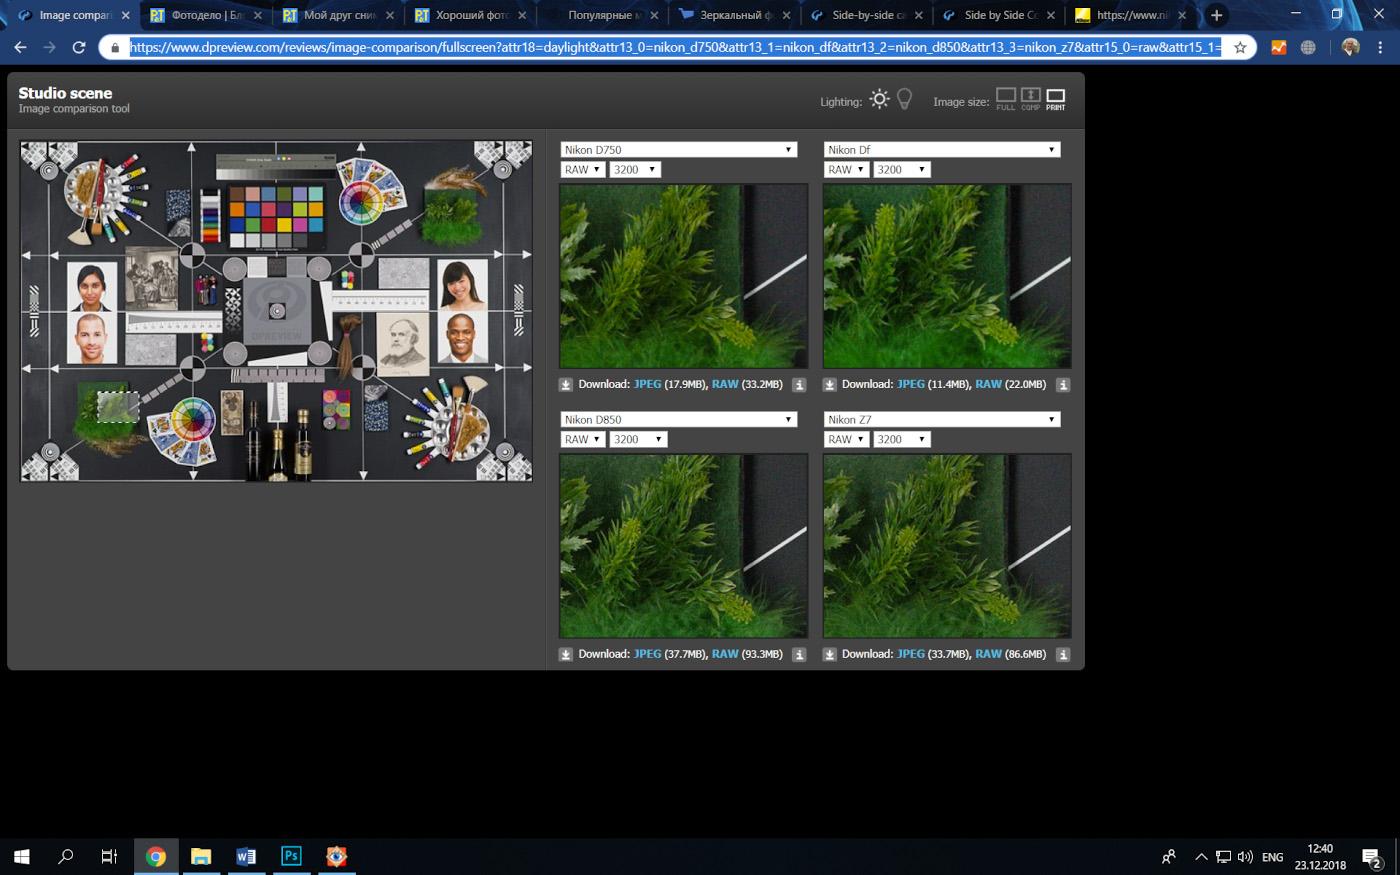 42. На сайте DPReview можно выбрать камеру, ISO и скачать RAW, чтобы сравнить картинку с разных камер. Сравнение Никон Д750, Никон Дф, Никон Д850 и Никон Зет 7.